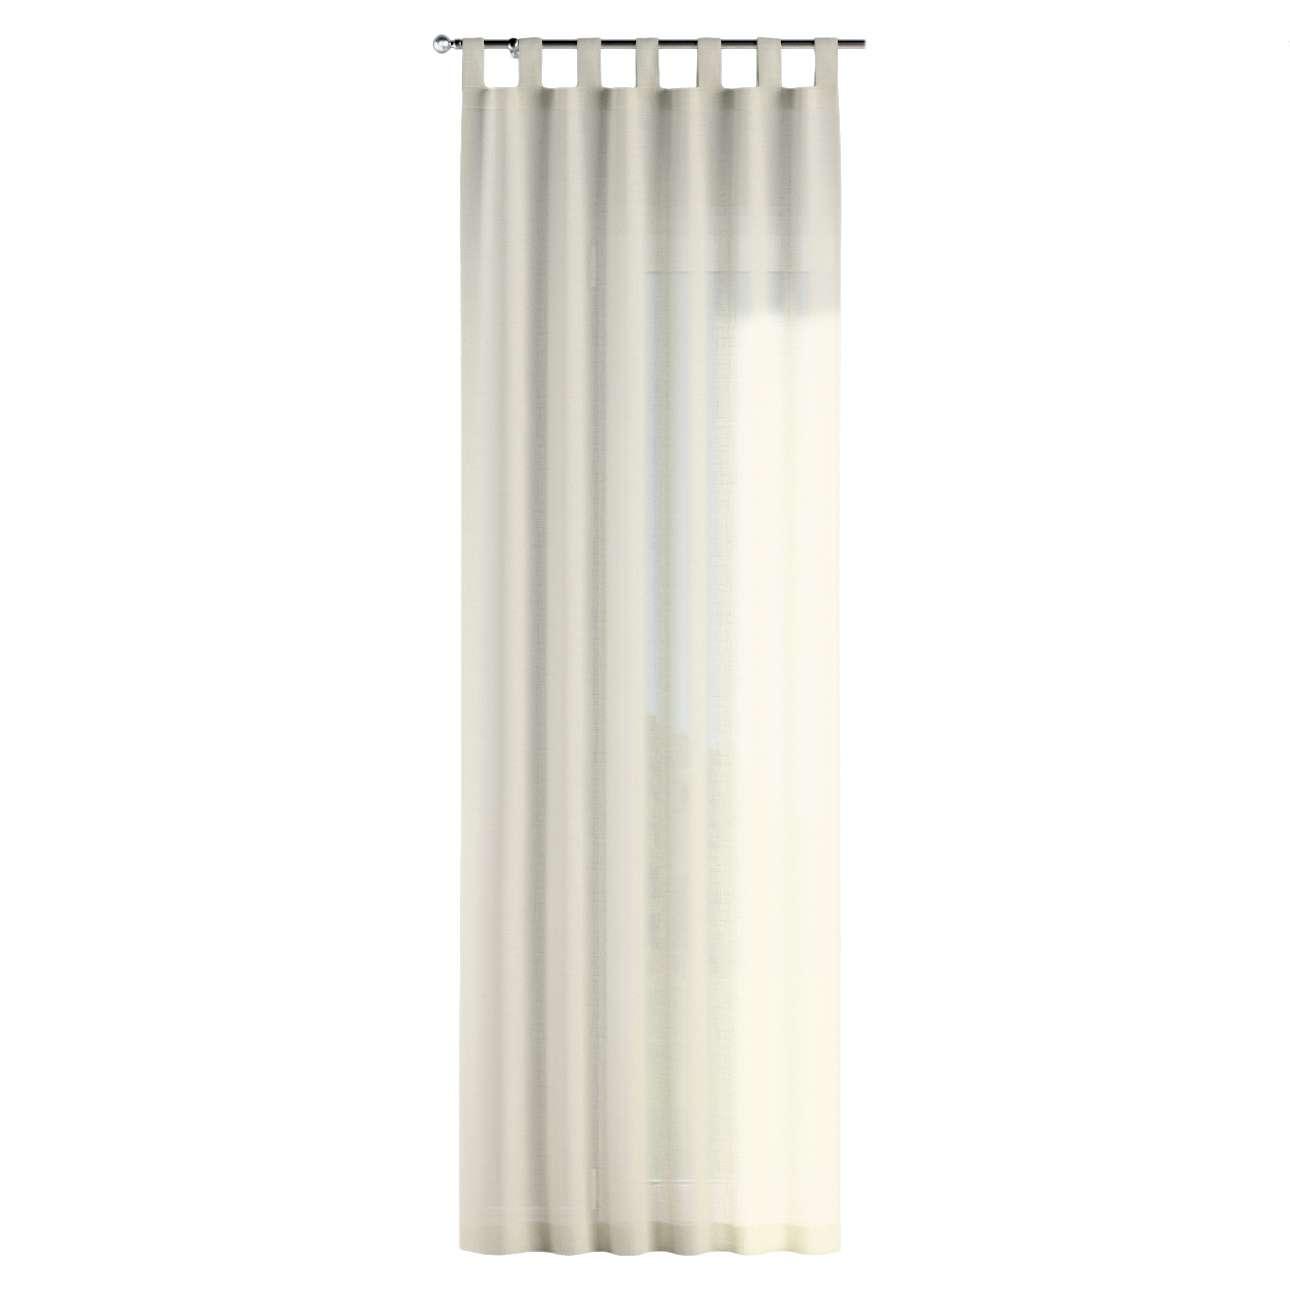 Gardin med stropper 1 stk. fra kolleksjonen Romantikk, Stoffets bredde: 128-88